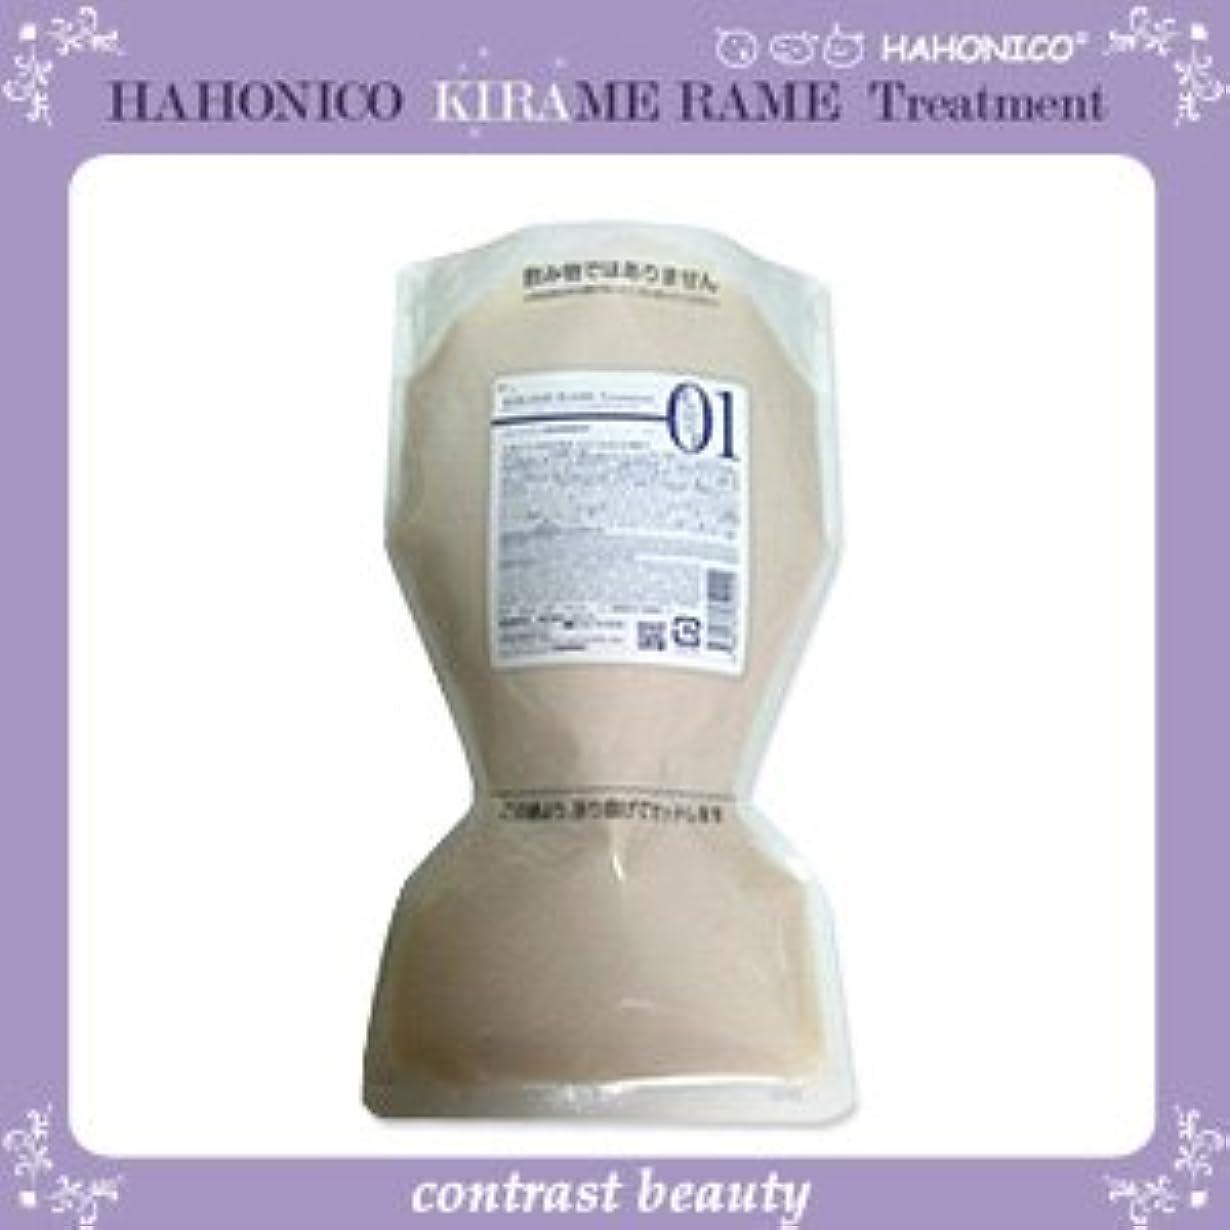 スーパーマーケット証明インペリアル【X3個セット】 ハホニコ キラメラメ トリートメントNo.1 500g (詰め替え) KIRAME RAME HAHONICO